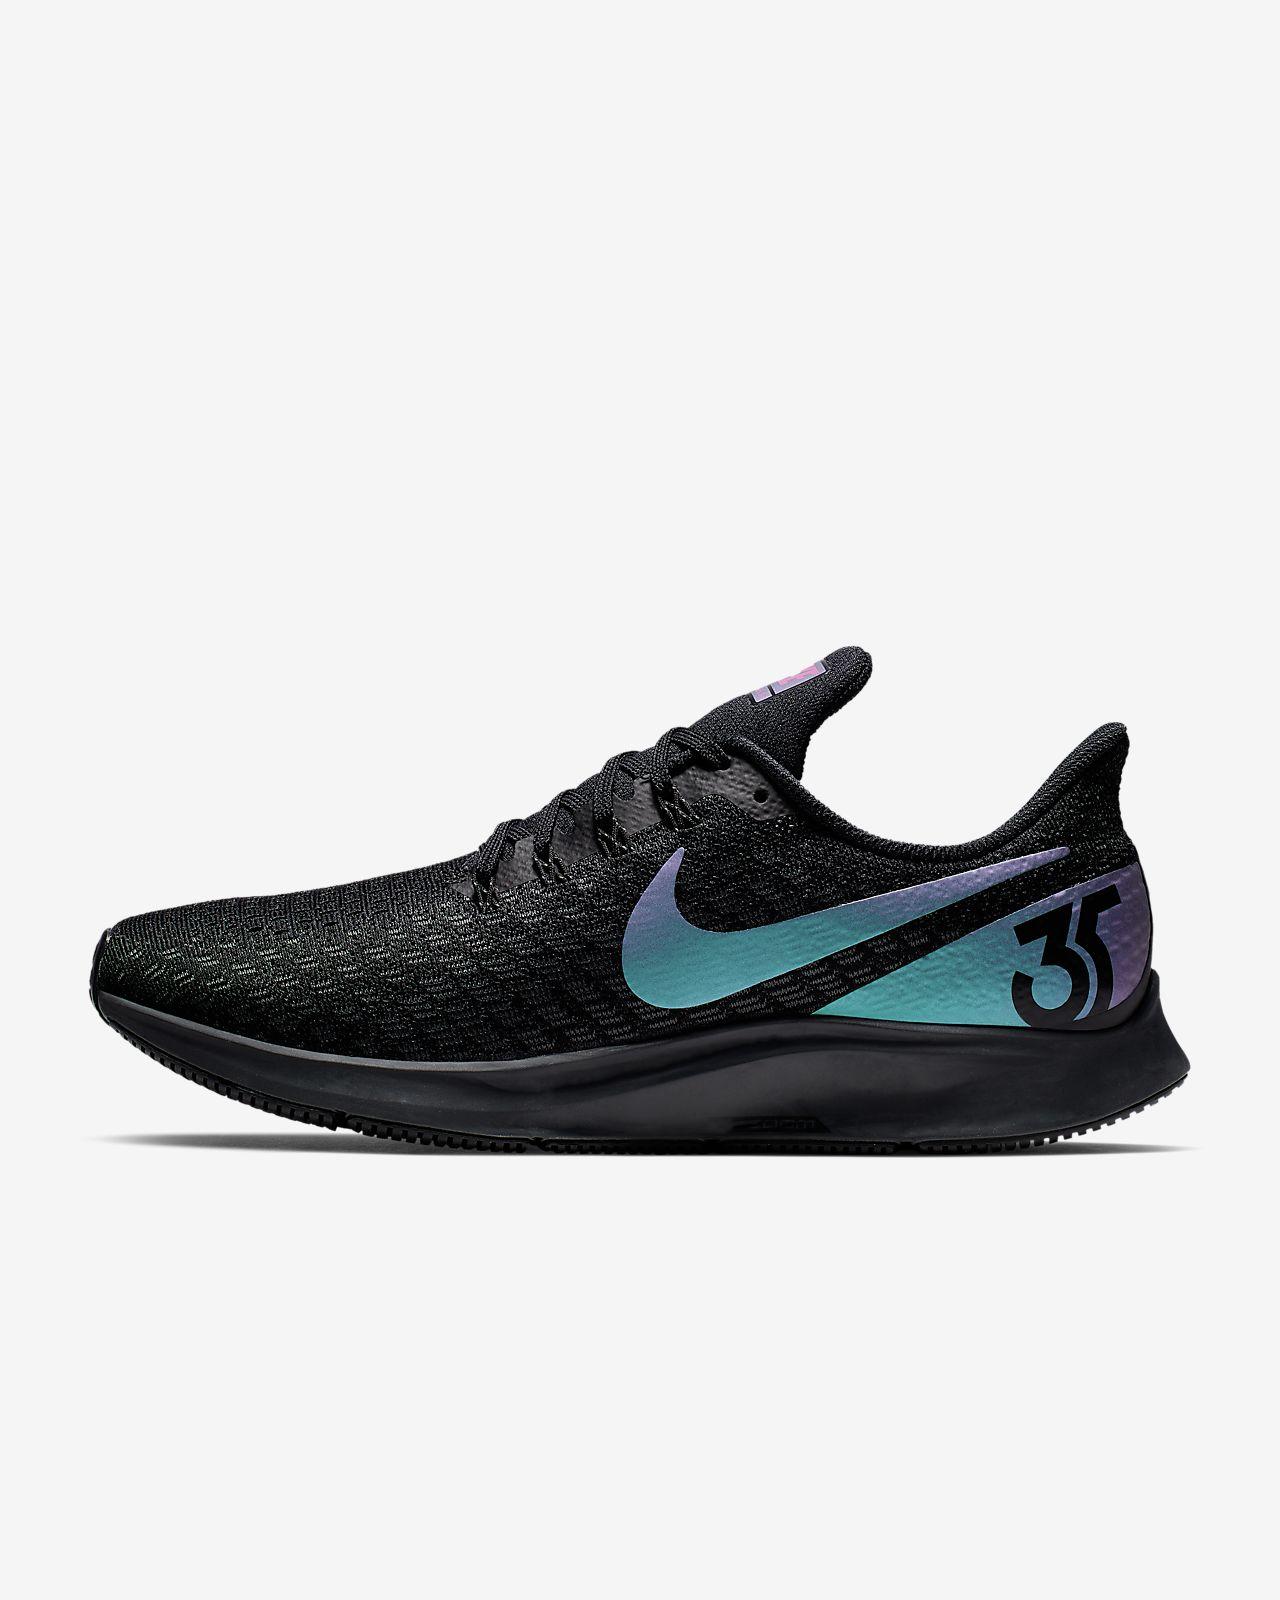 917b6f33d726 Nike Air Zoom Pegasus 35 Men s Running Shoe. Nike.com